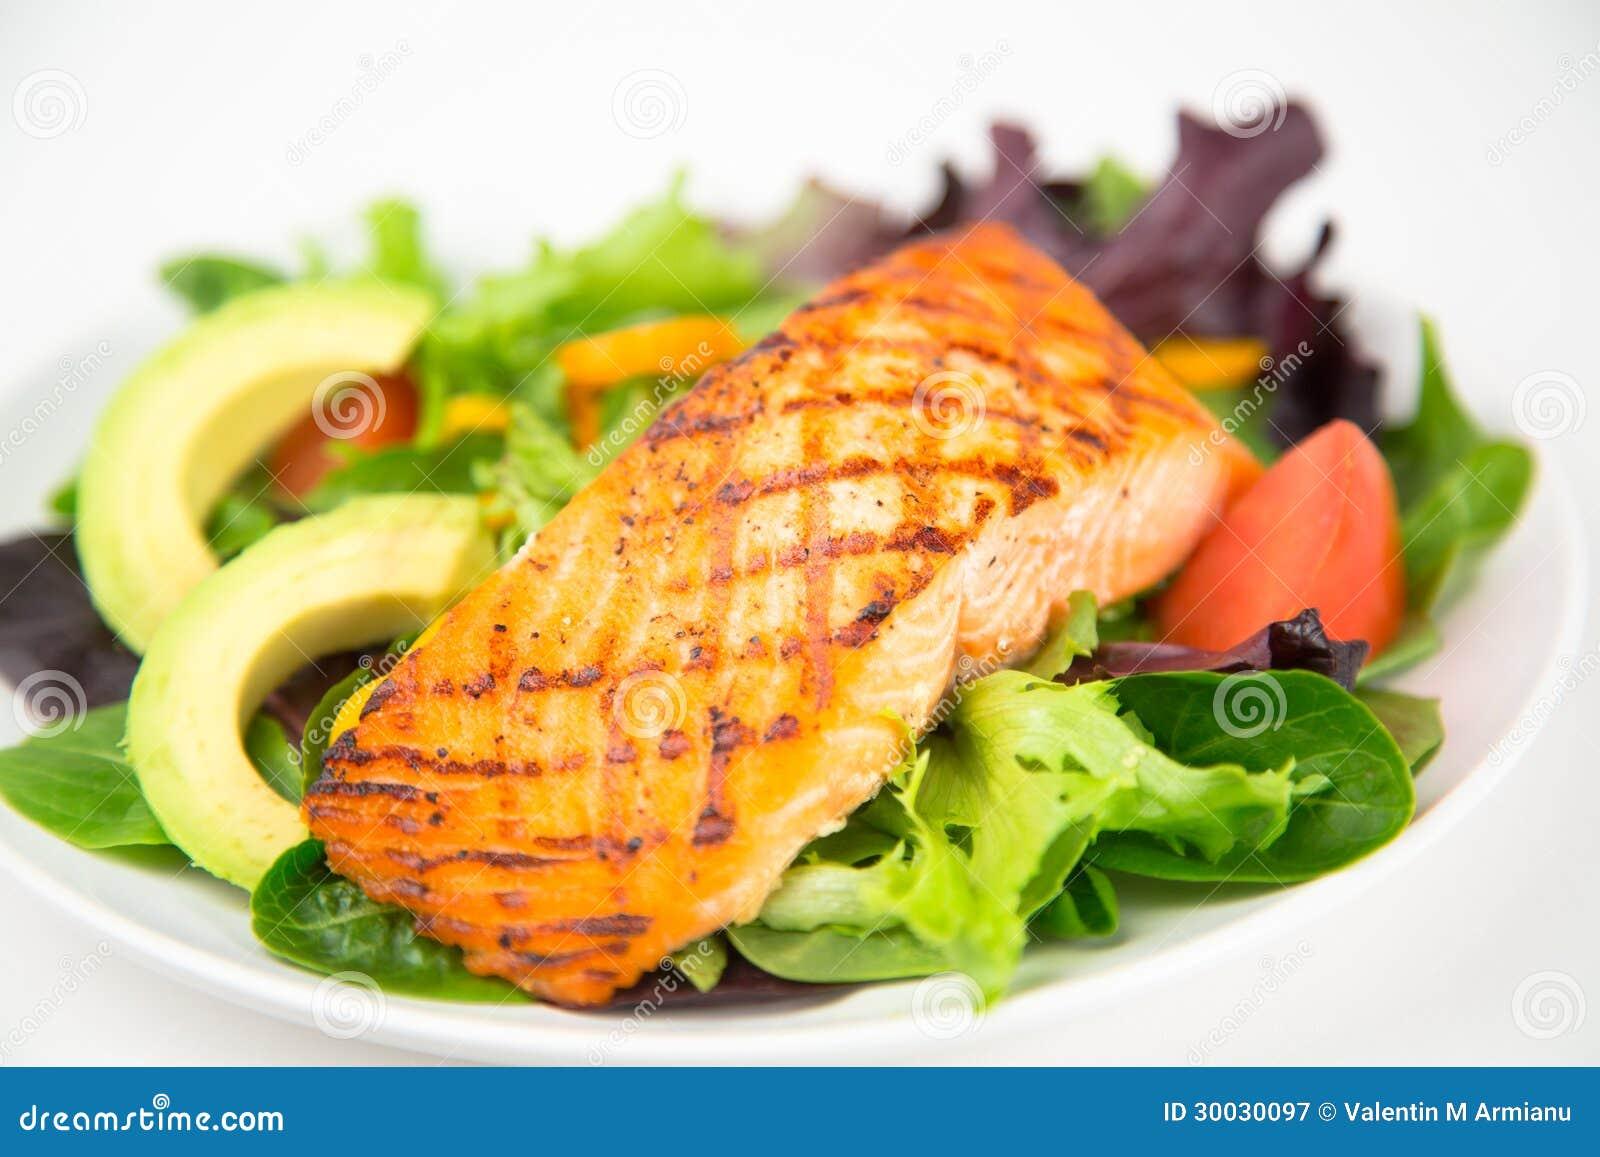 Grilled Salmon Salad Stock Photo 30030097 Megapixl